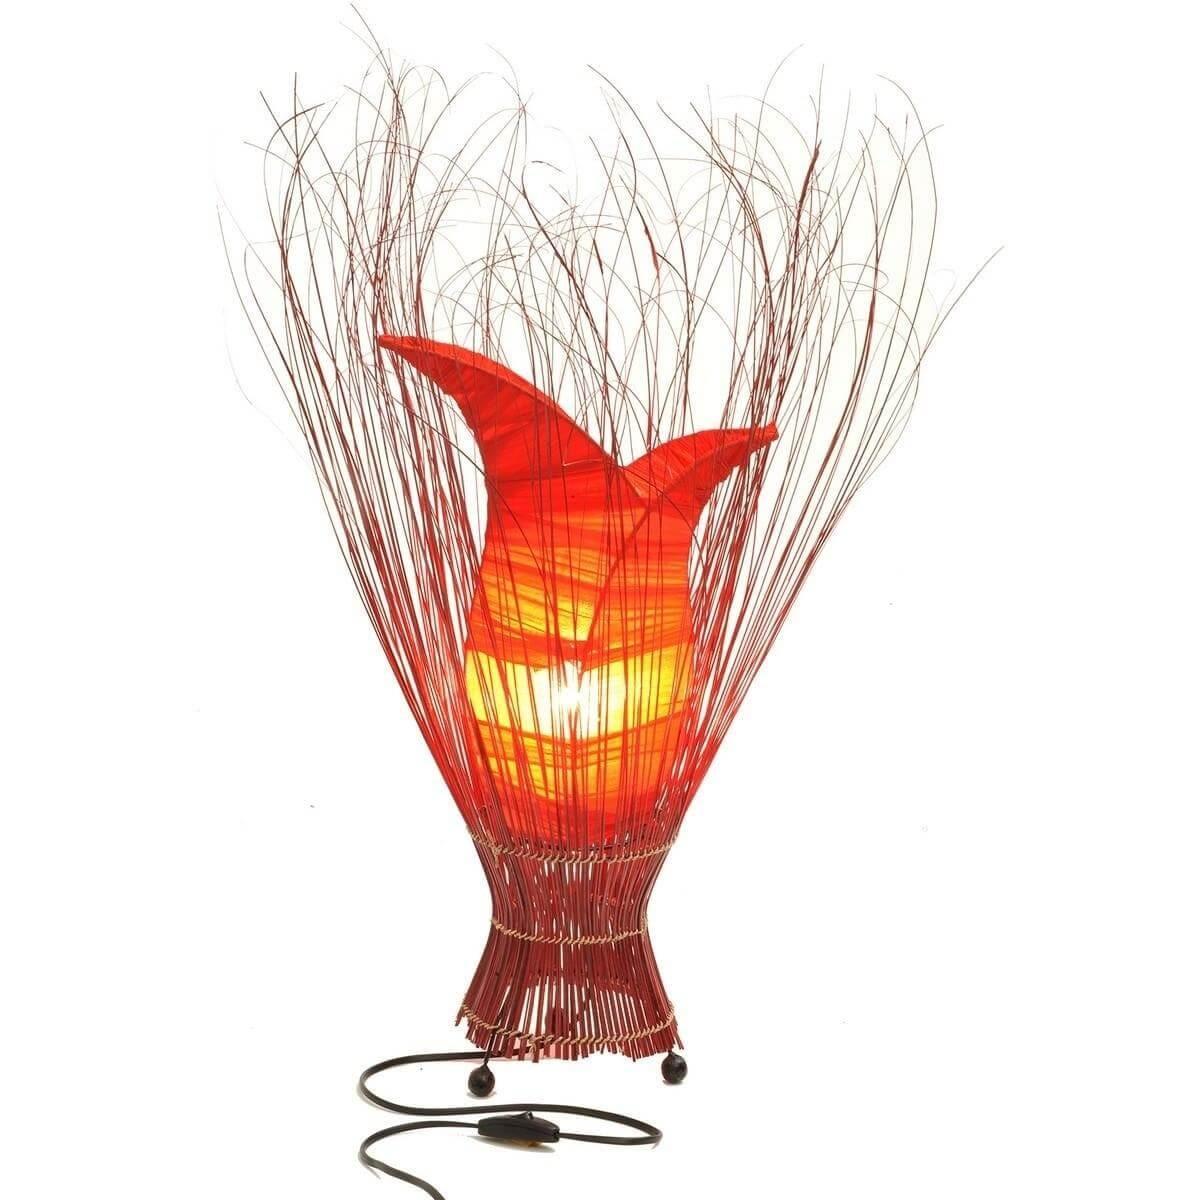 deko leuchte stimmungsleuchte stehleuchte tischleuchte tischlampe bali tulpe kl ebay. Black Bedroom Furniture Sets. Home Design Ideas